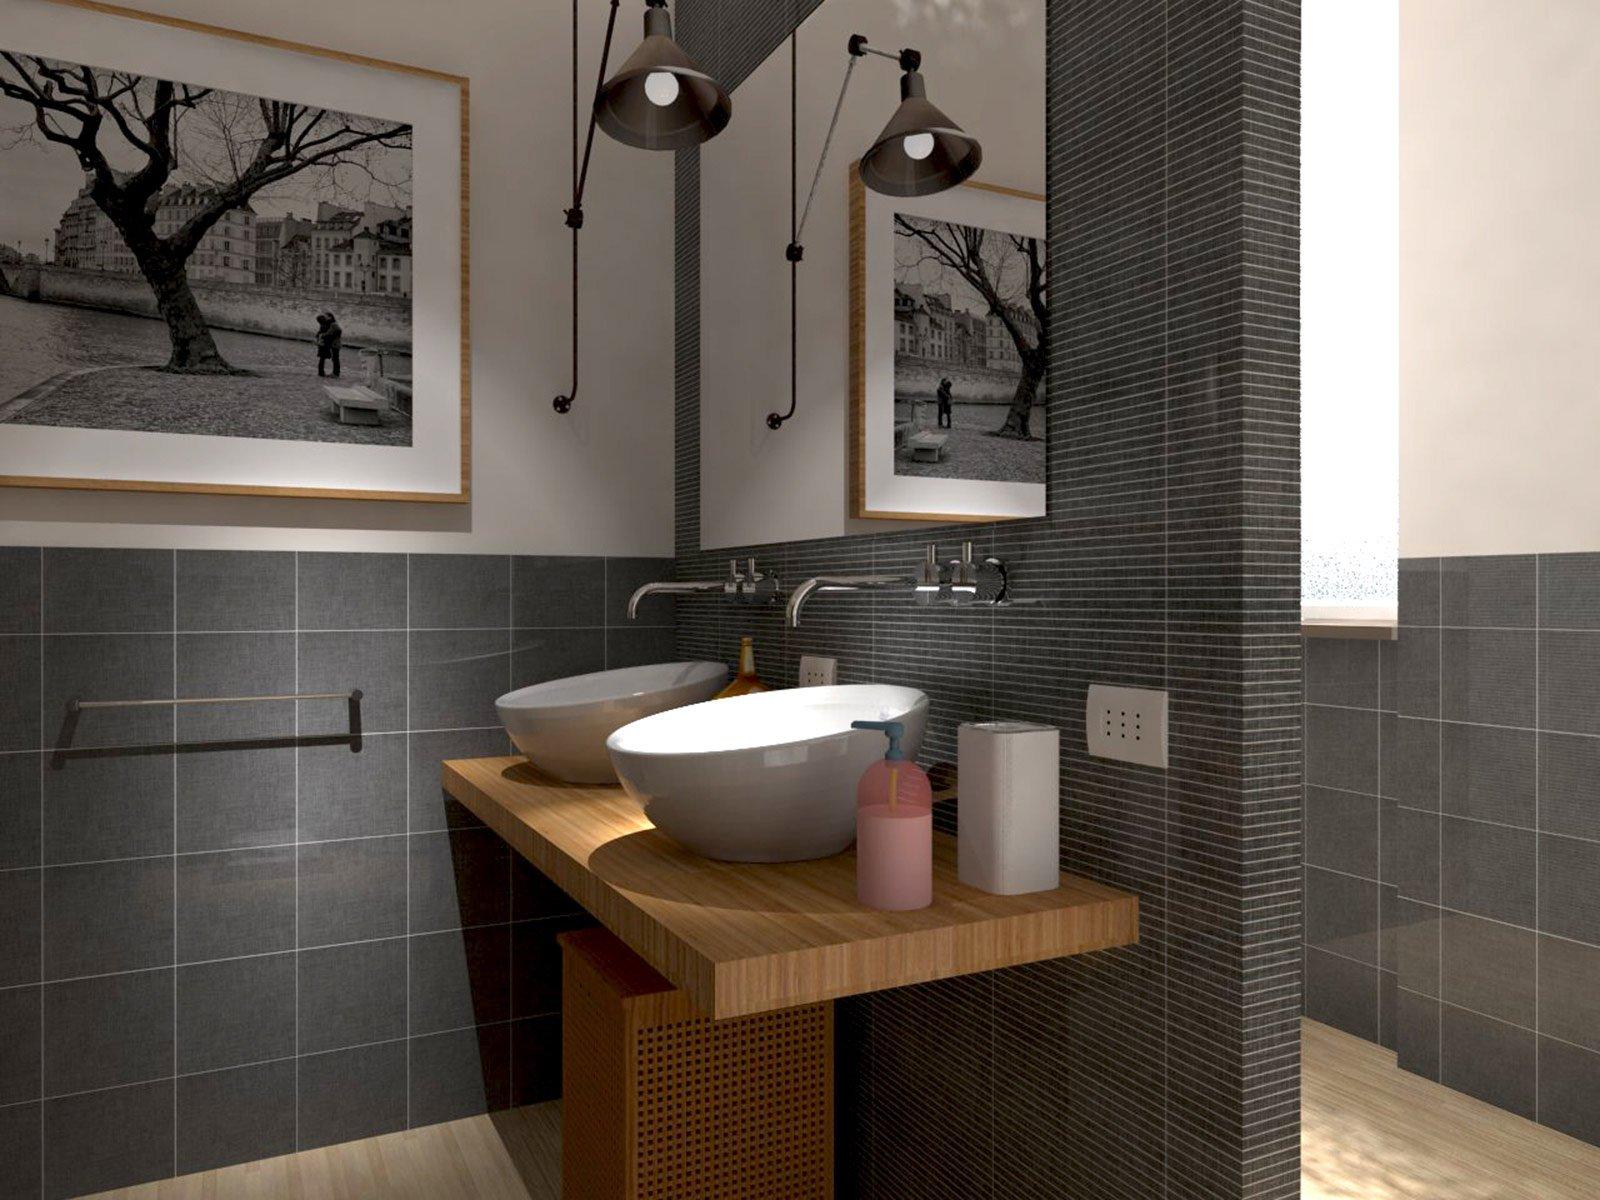 Rifare il bagno progetto in 3d con lavatrice nascosta - Rifare il bagno costi ...